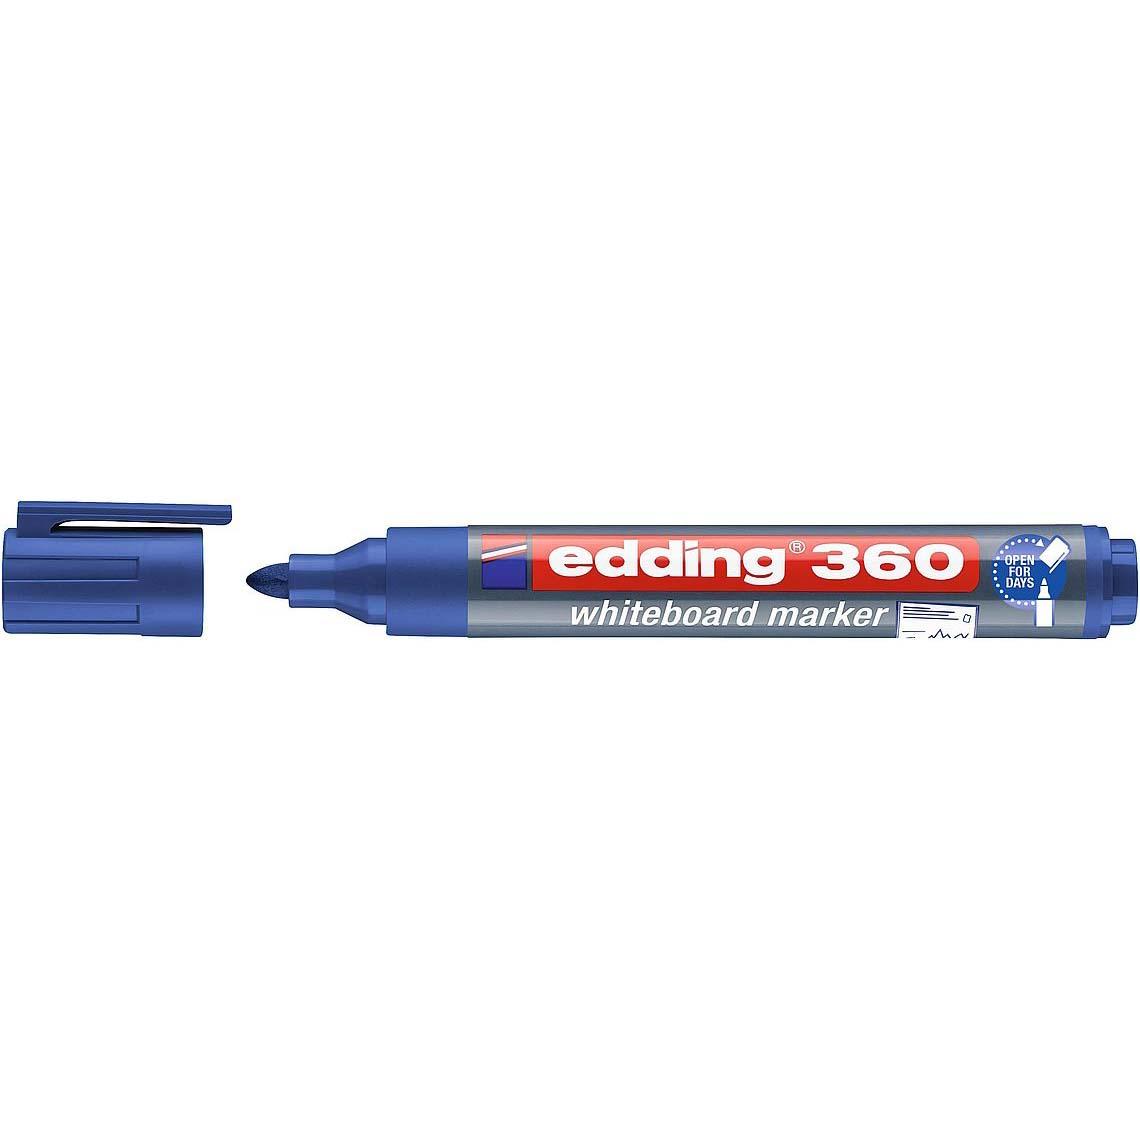 Edding 360 Whiteboard Marker Bullet Tip - Blue (pc)